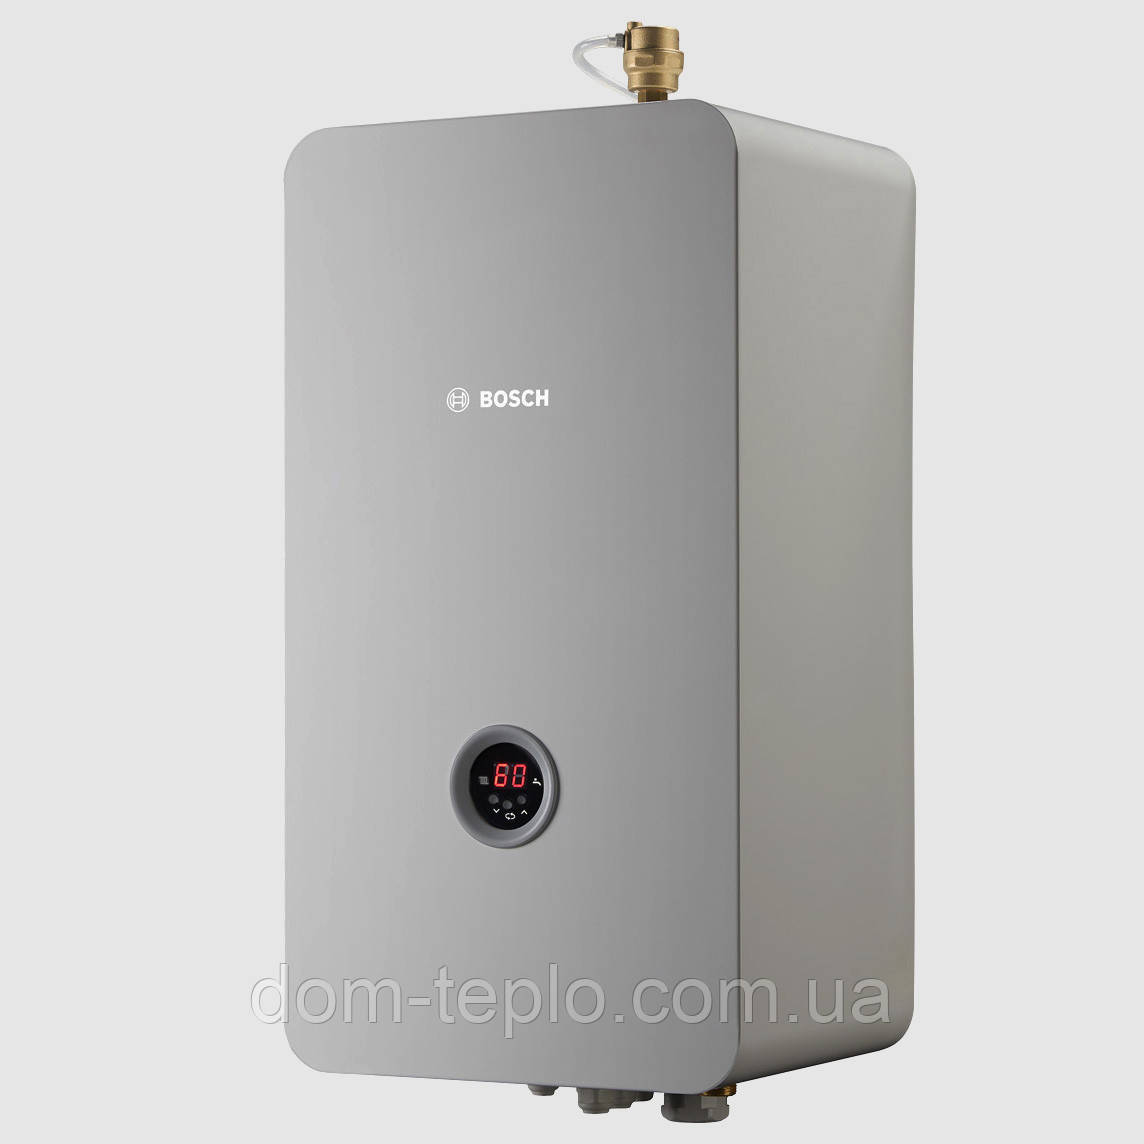 Електричний котел Leberg Eco-Heater 4,5 кВт